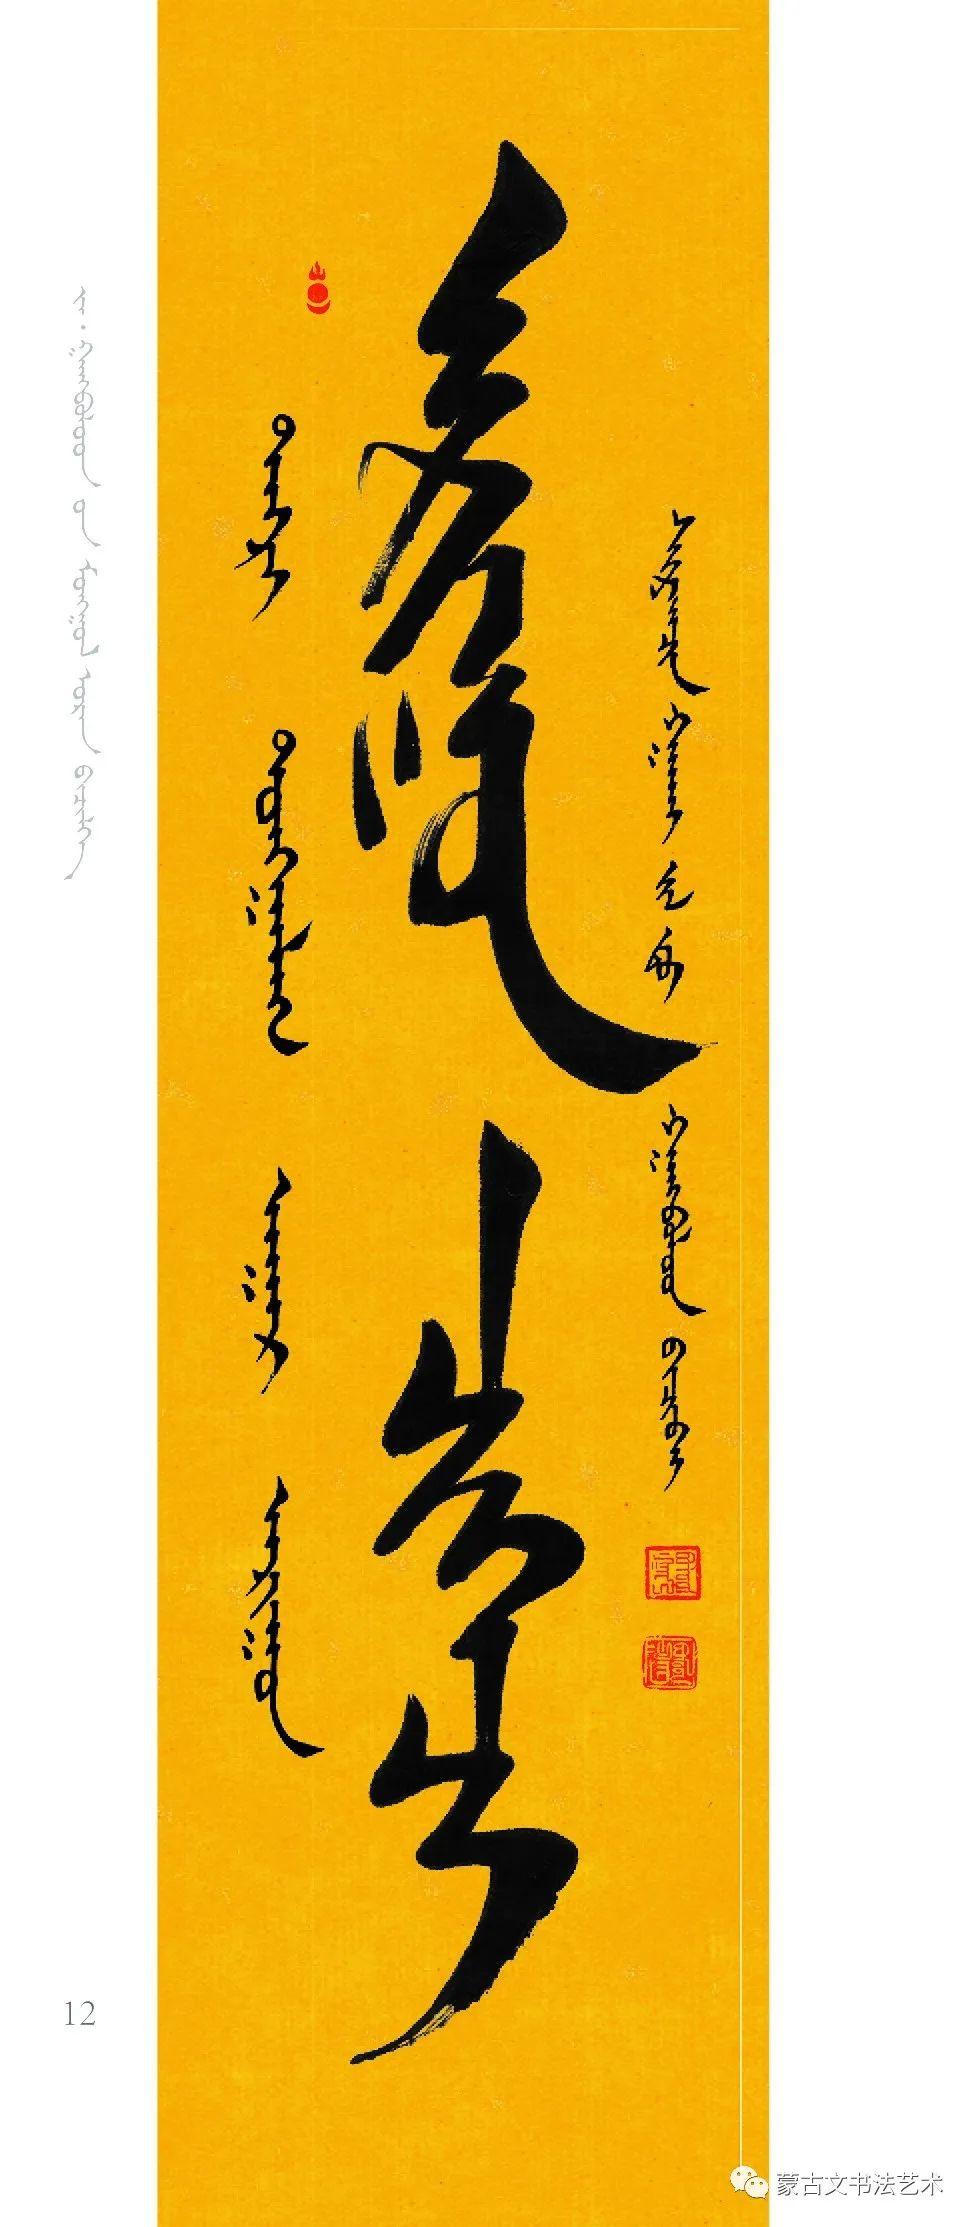 钢宝力达蒙古文书法(二) 第10张